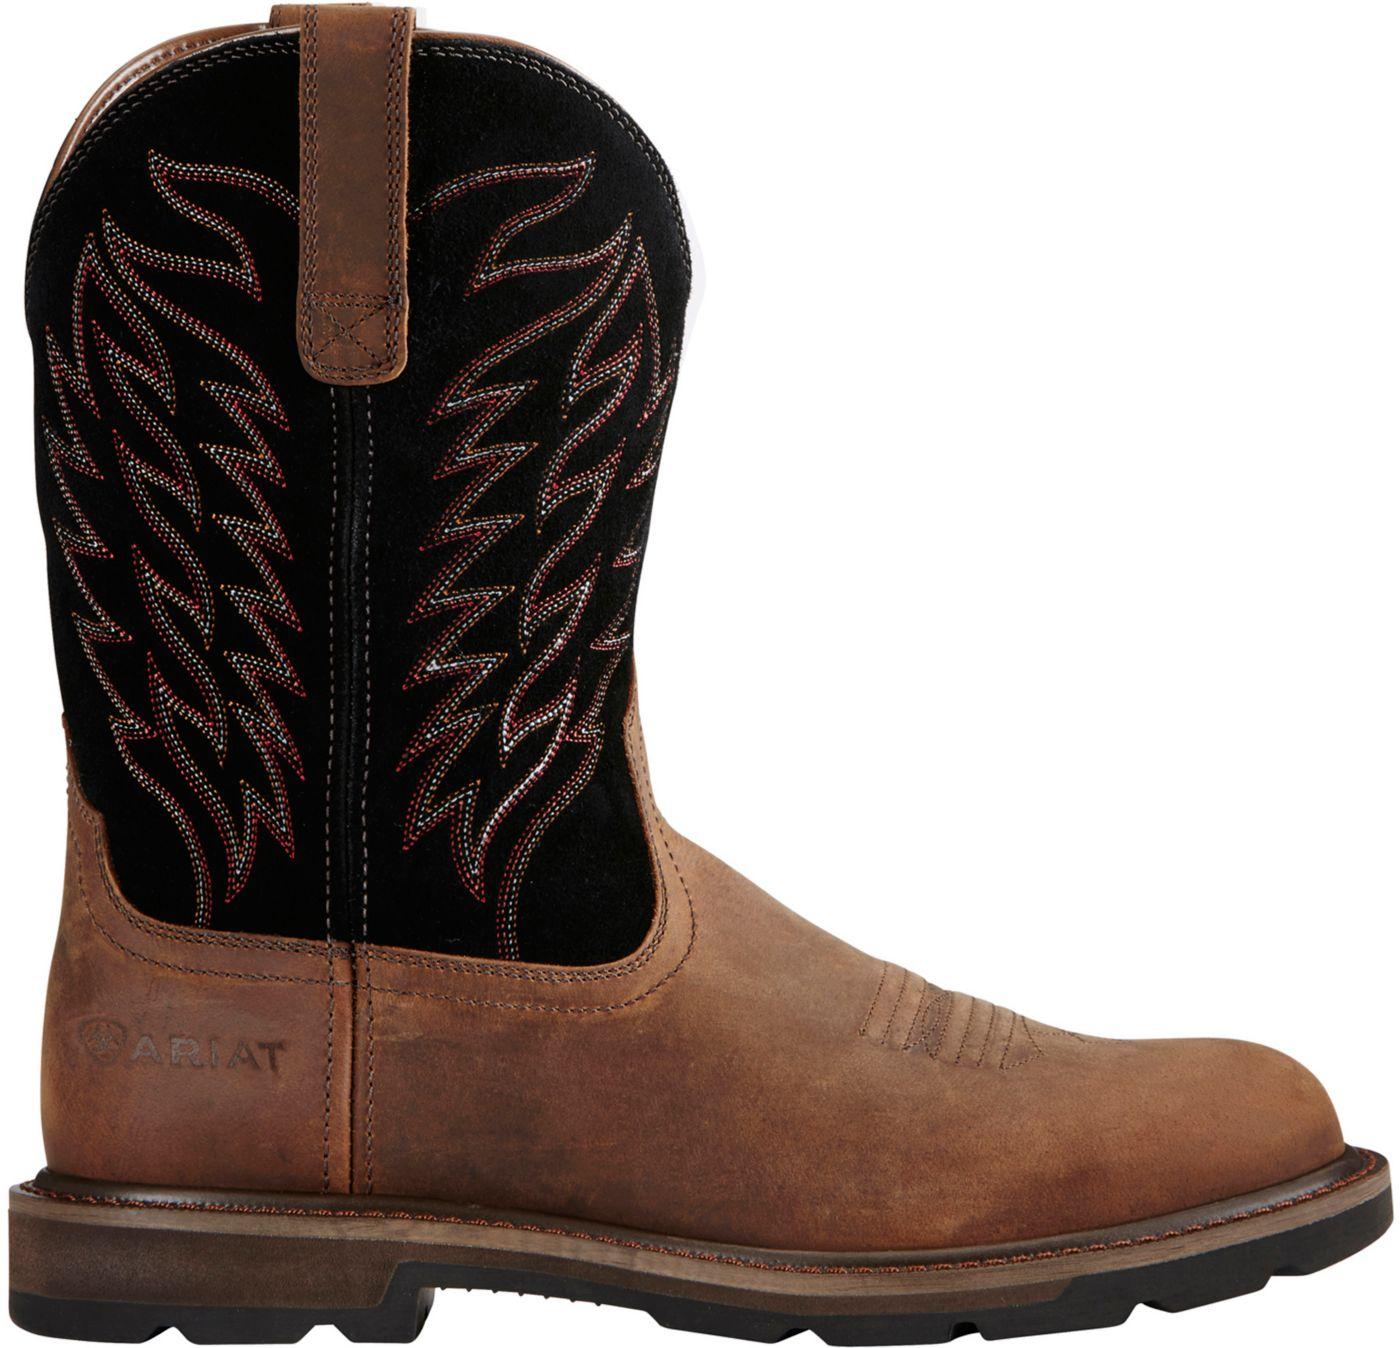 Ariat Men's Groundbreaker Steel Toe Western Work Boots